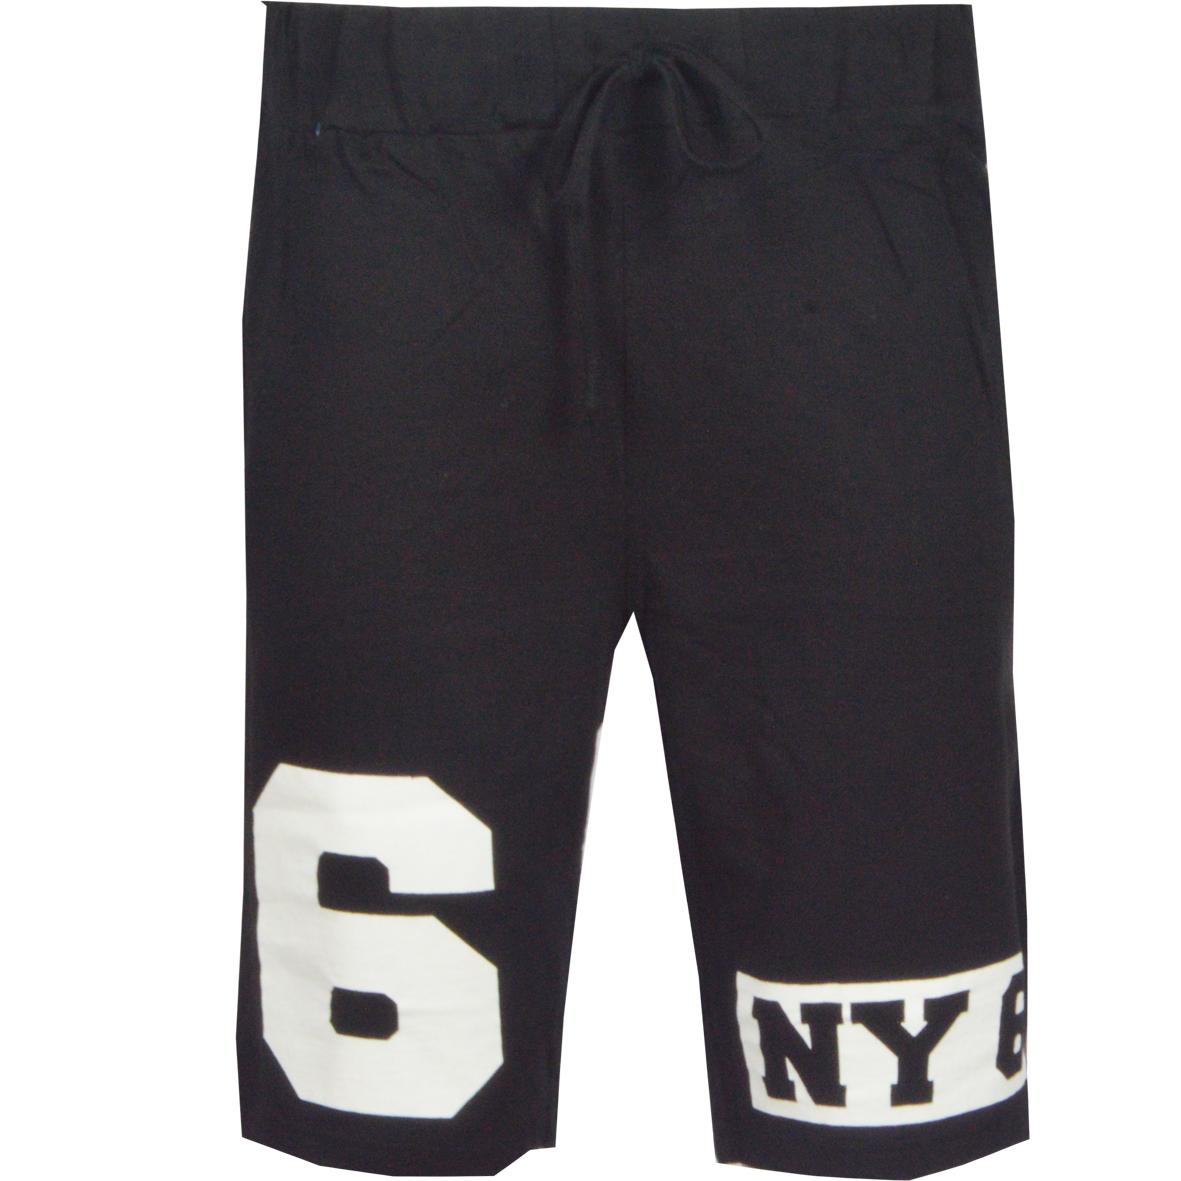 Ανδρική βερμούδα NY-Μαύρο αρχική ανδρικά ρούχα επιλογή ανά προϊόν βερμούδες